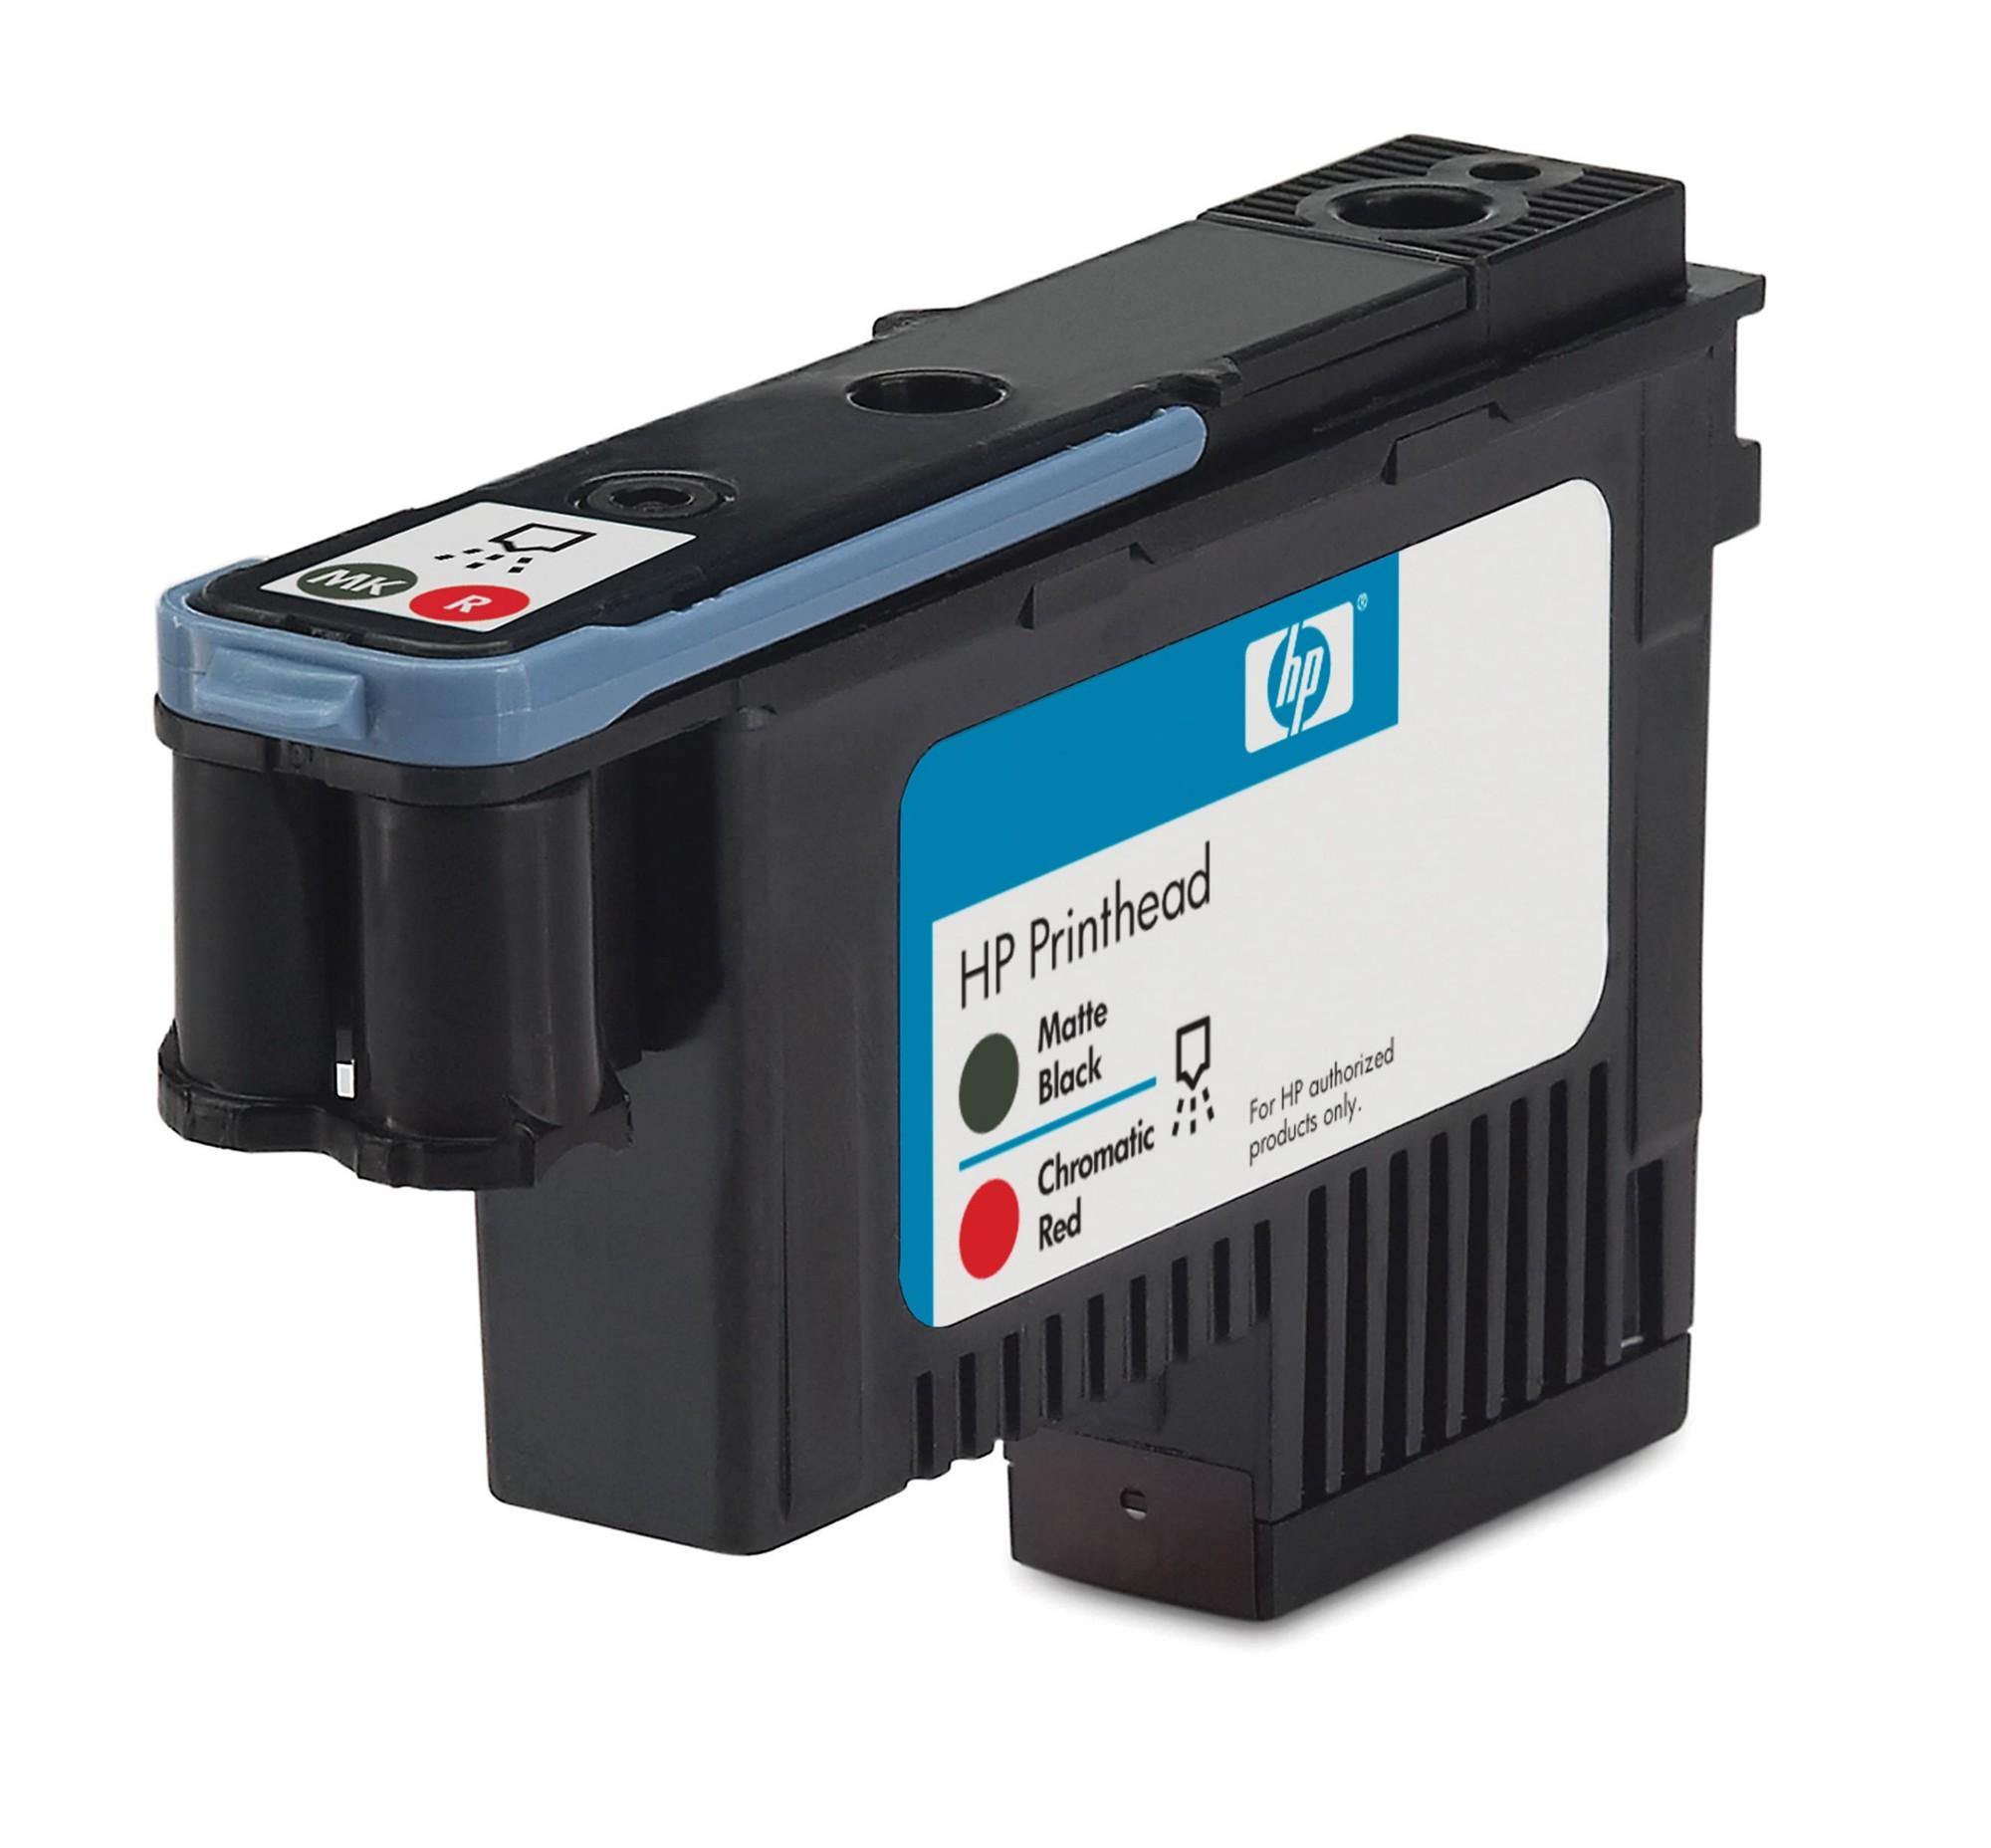 HP 73 matzwarte/chromatisch rode DesignJet printkop